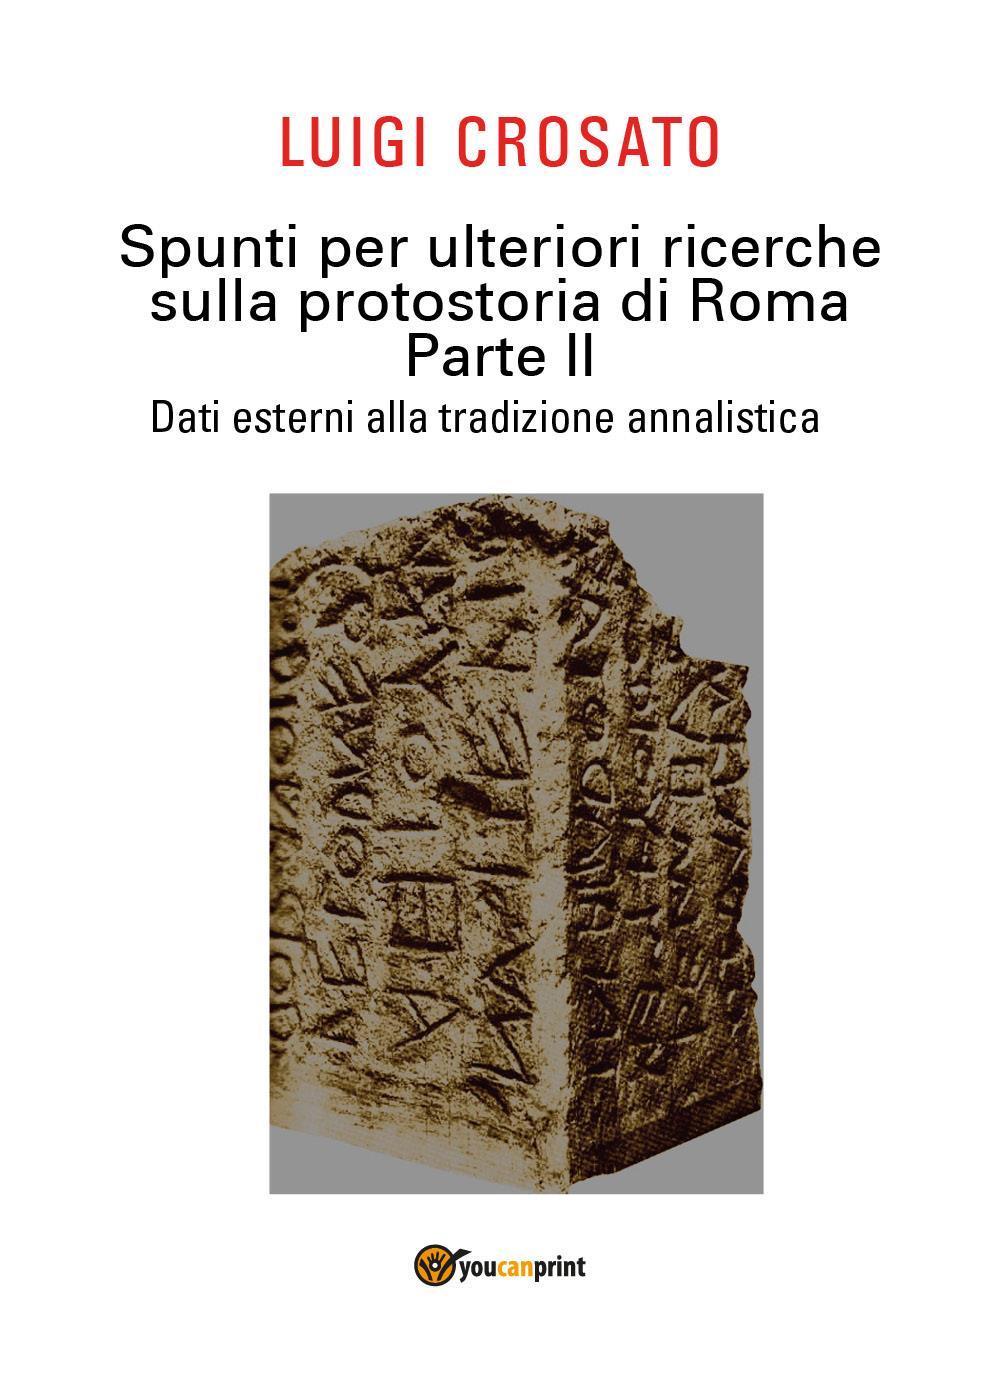 Spunti per ulteriori ricerche sulla protostoria di Roma - Parte II - Dati esterni alla tradizione annalistica